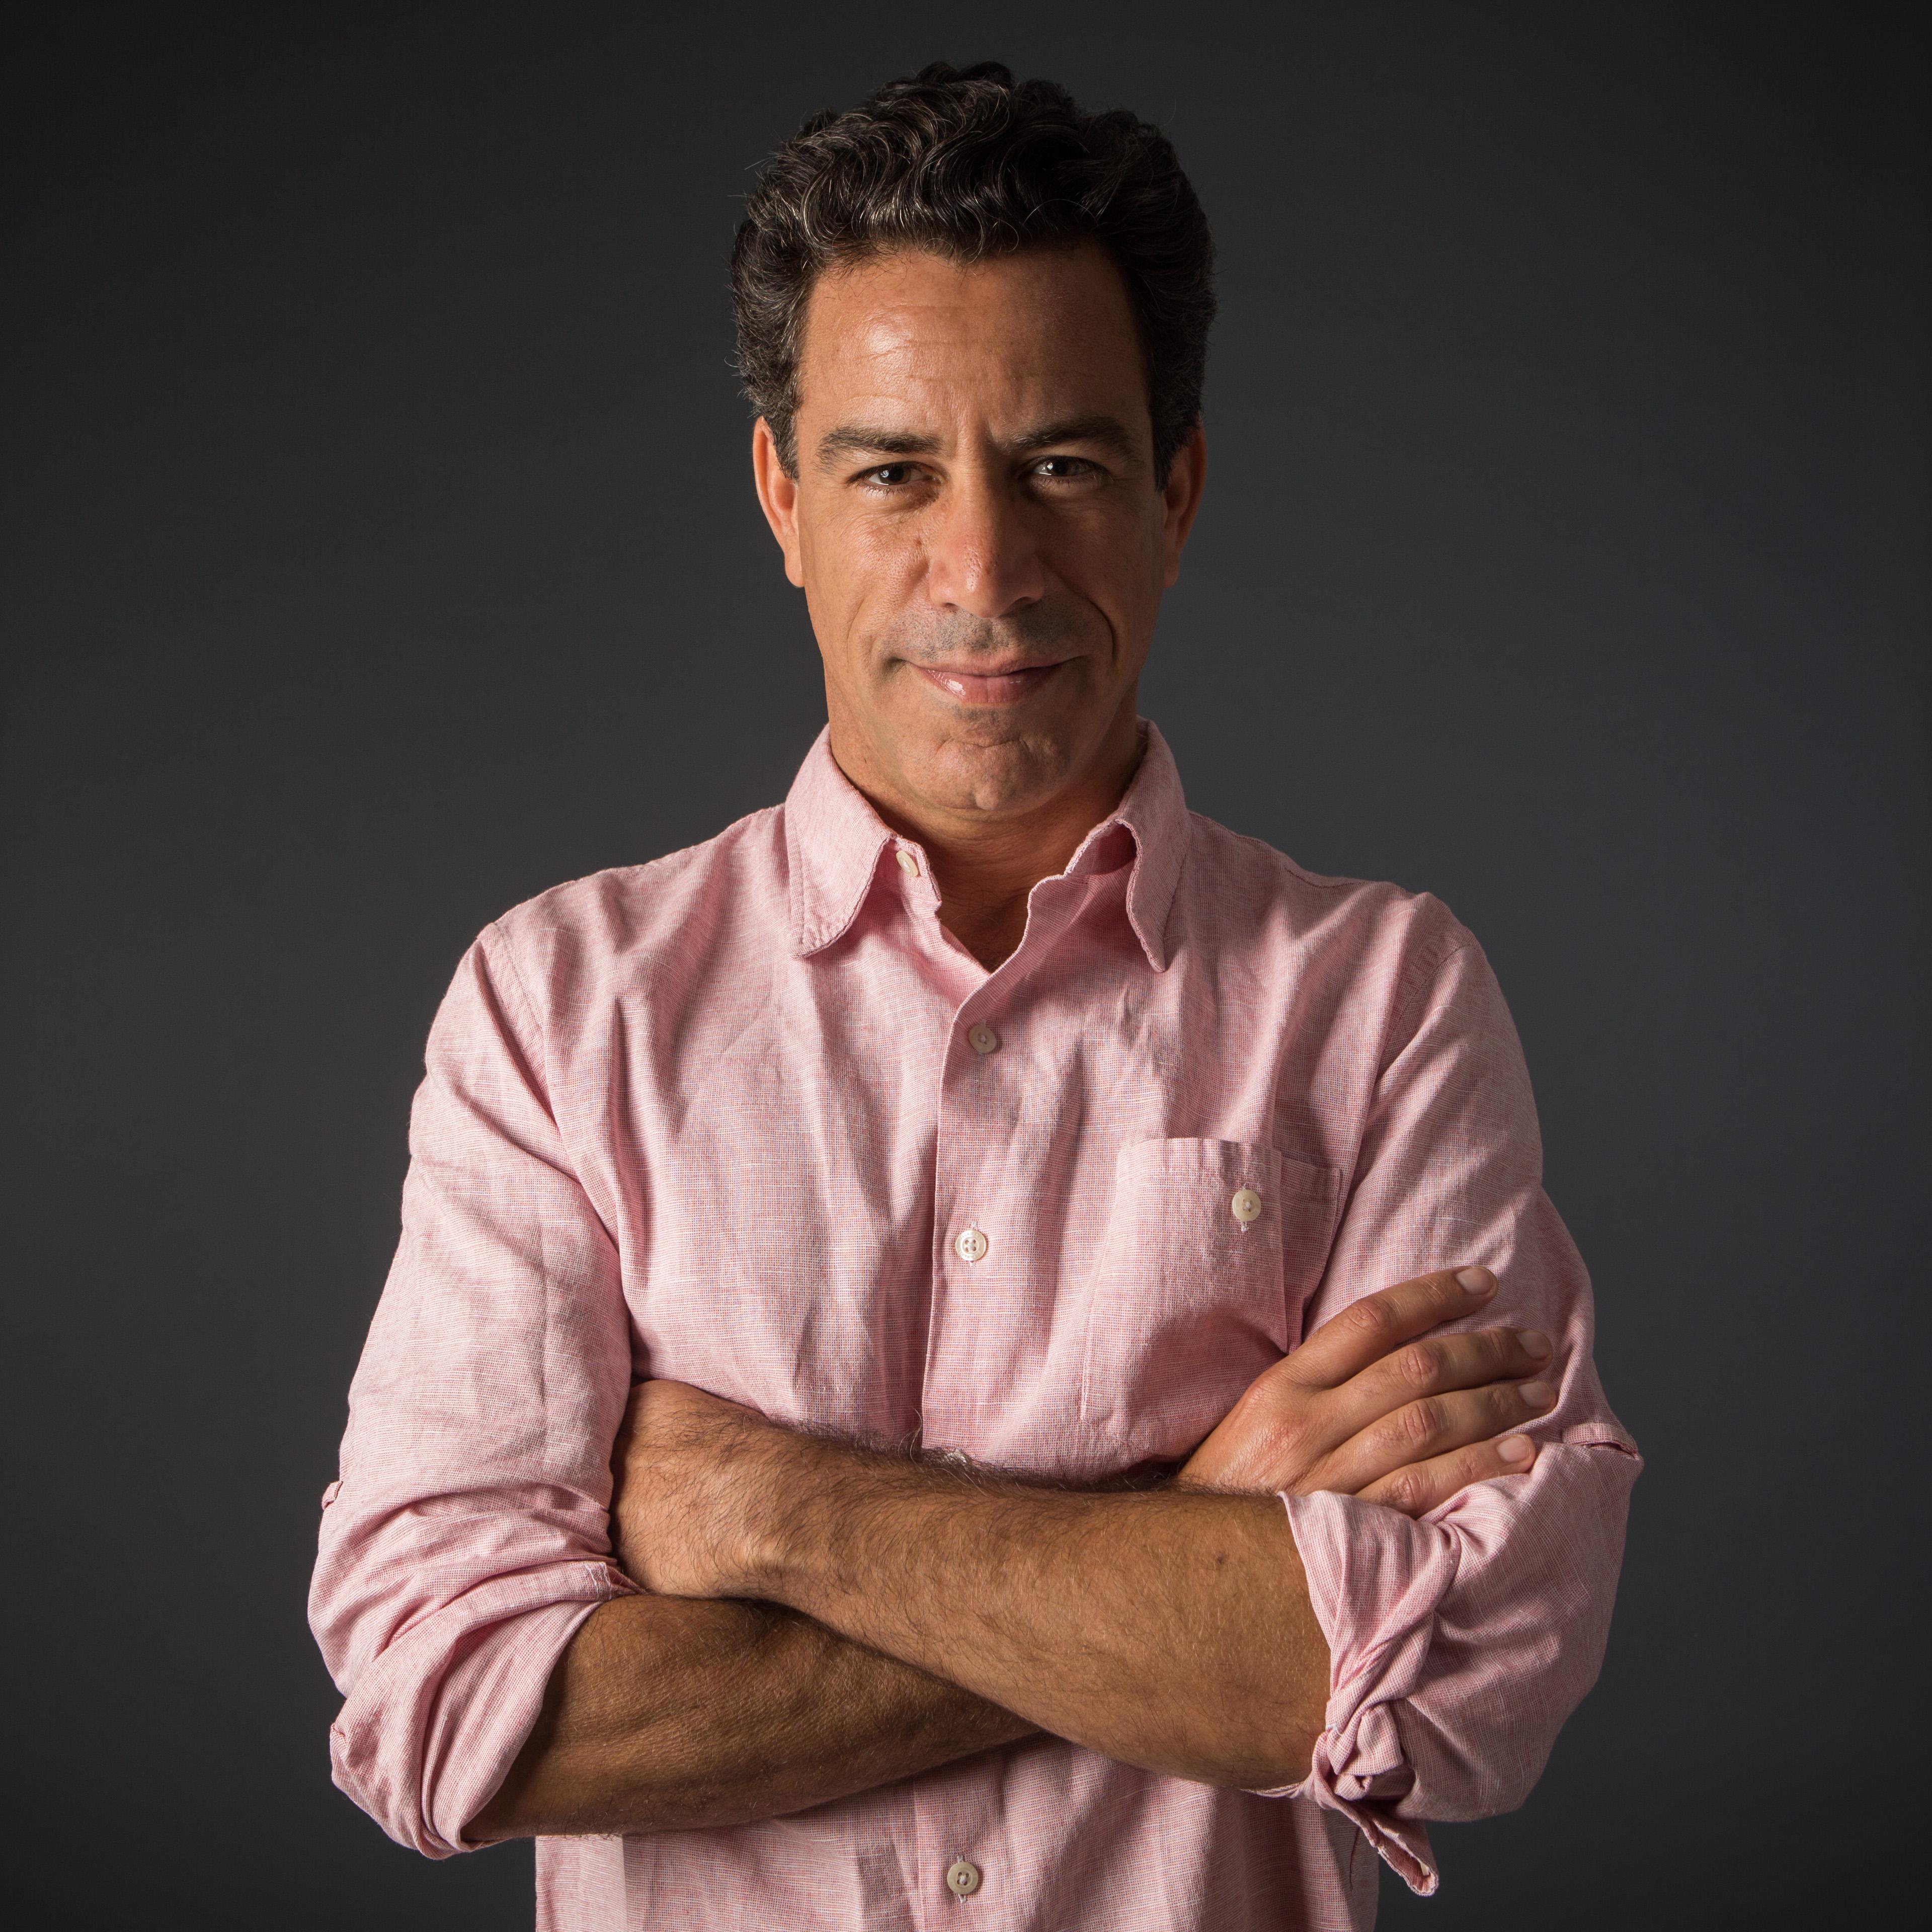 Luiz Calainho encara a câmera de braços cruzados. Fundo escuro ressalta sua camisa rosa de manga longa.